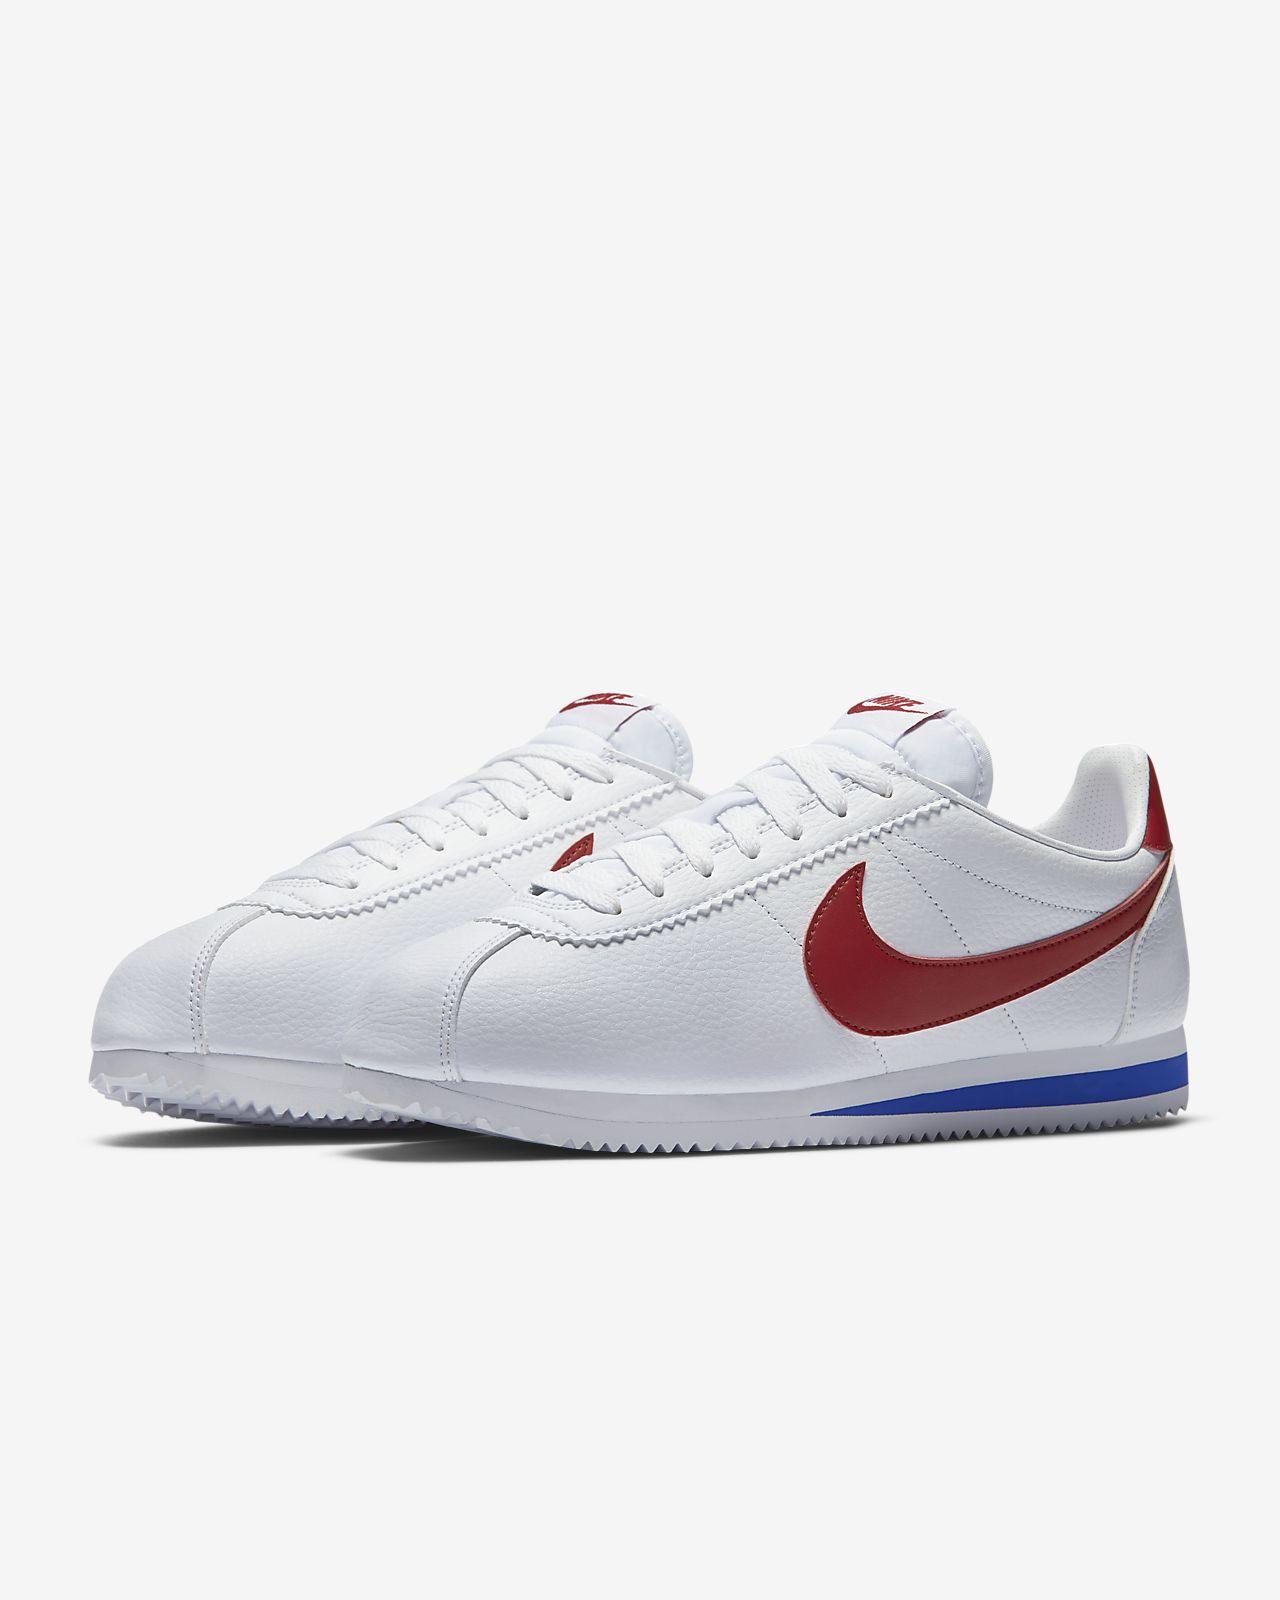 Nike Classic Cortez Mens Shoe Nike LU